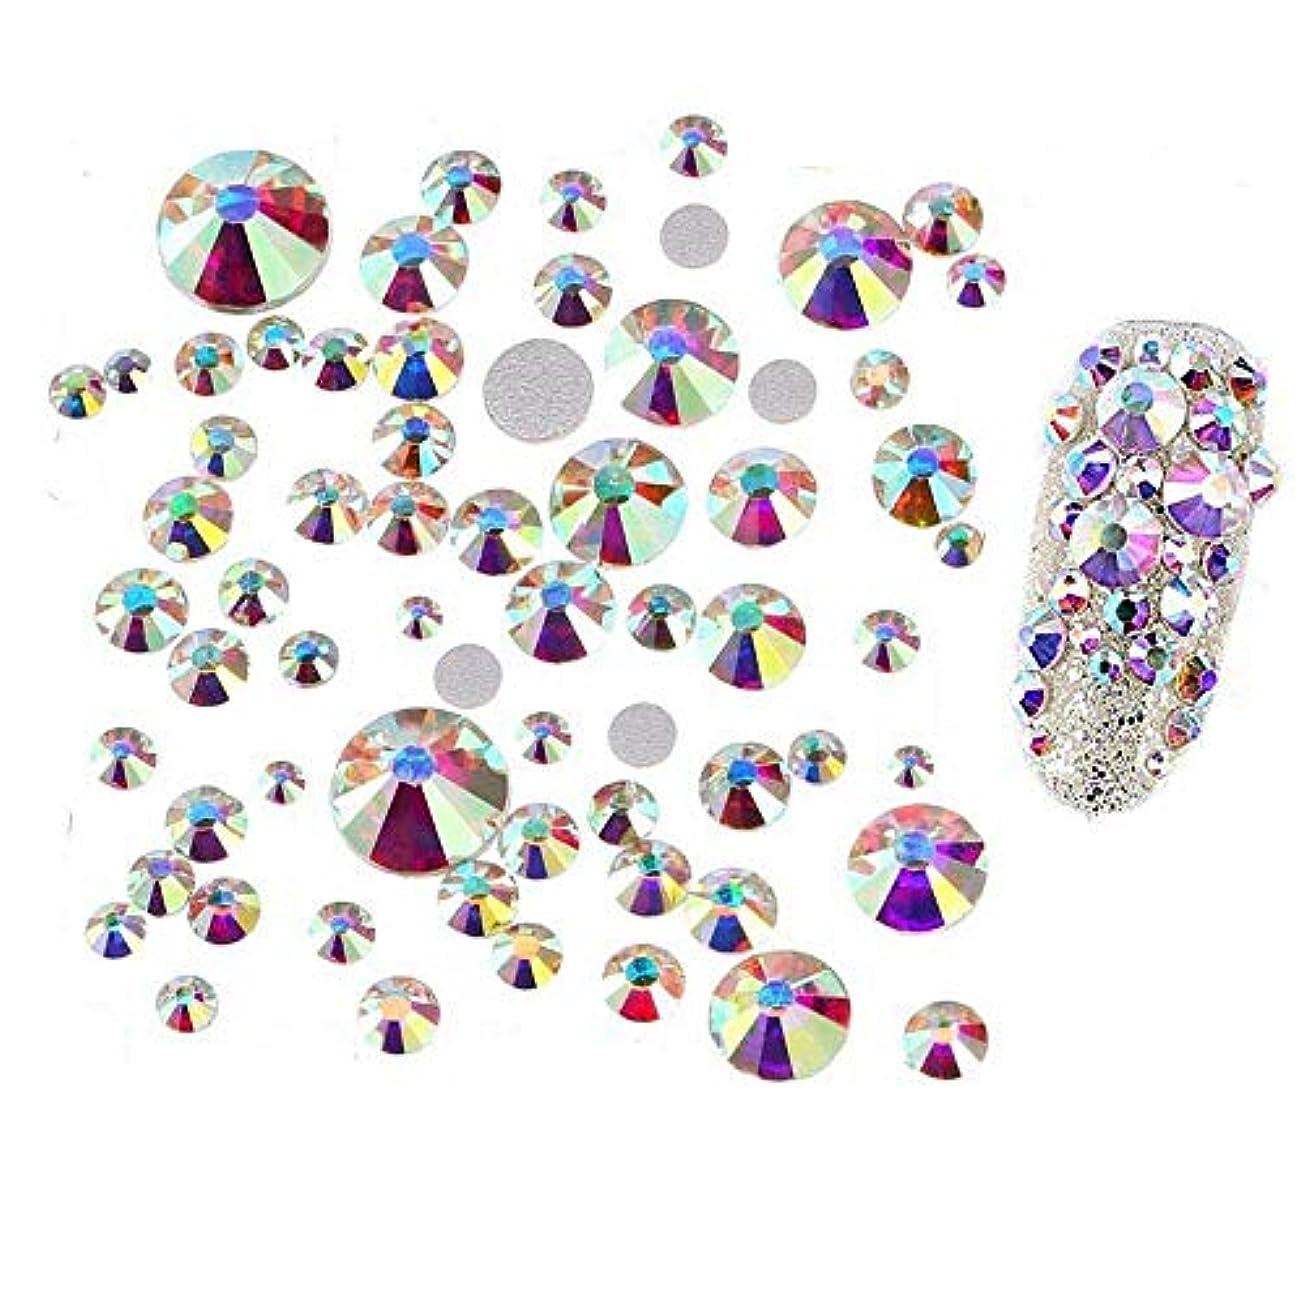 胸損傷フロント高品質 ガラスストーン オーロラ クリスタル,ラインストーン ネイル デコ ガラスストーン クリスタル ジェルネイル ネイルパーツ (約200粒)